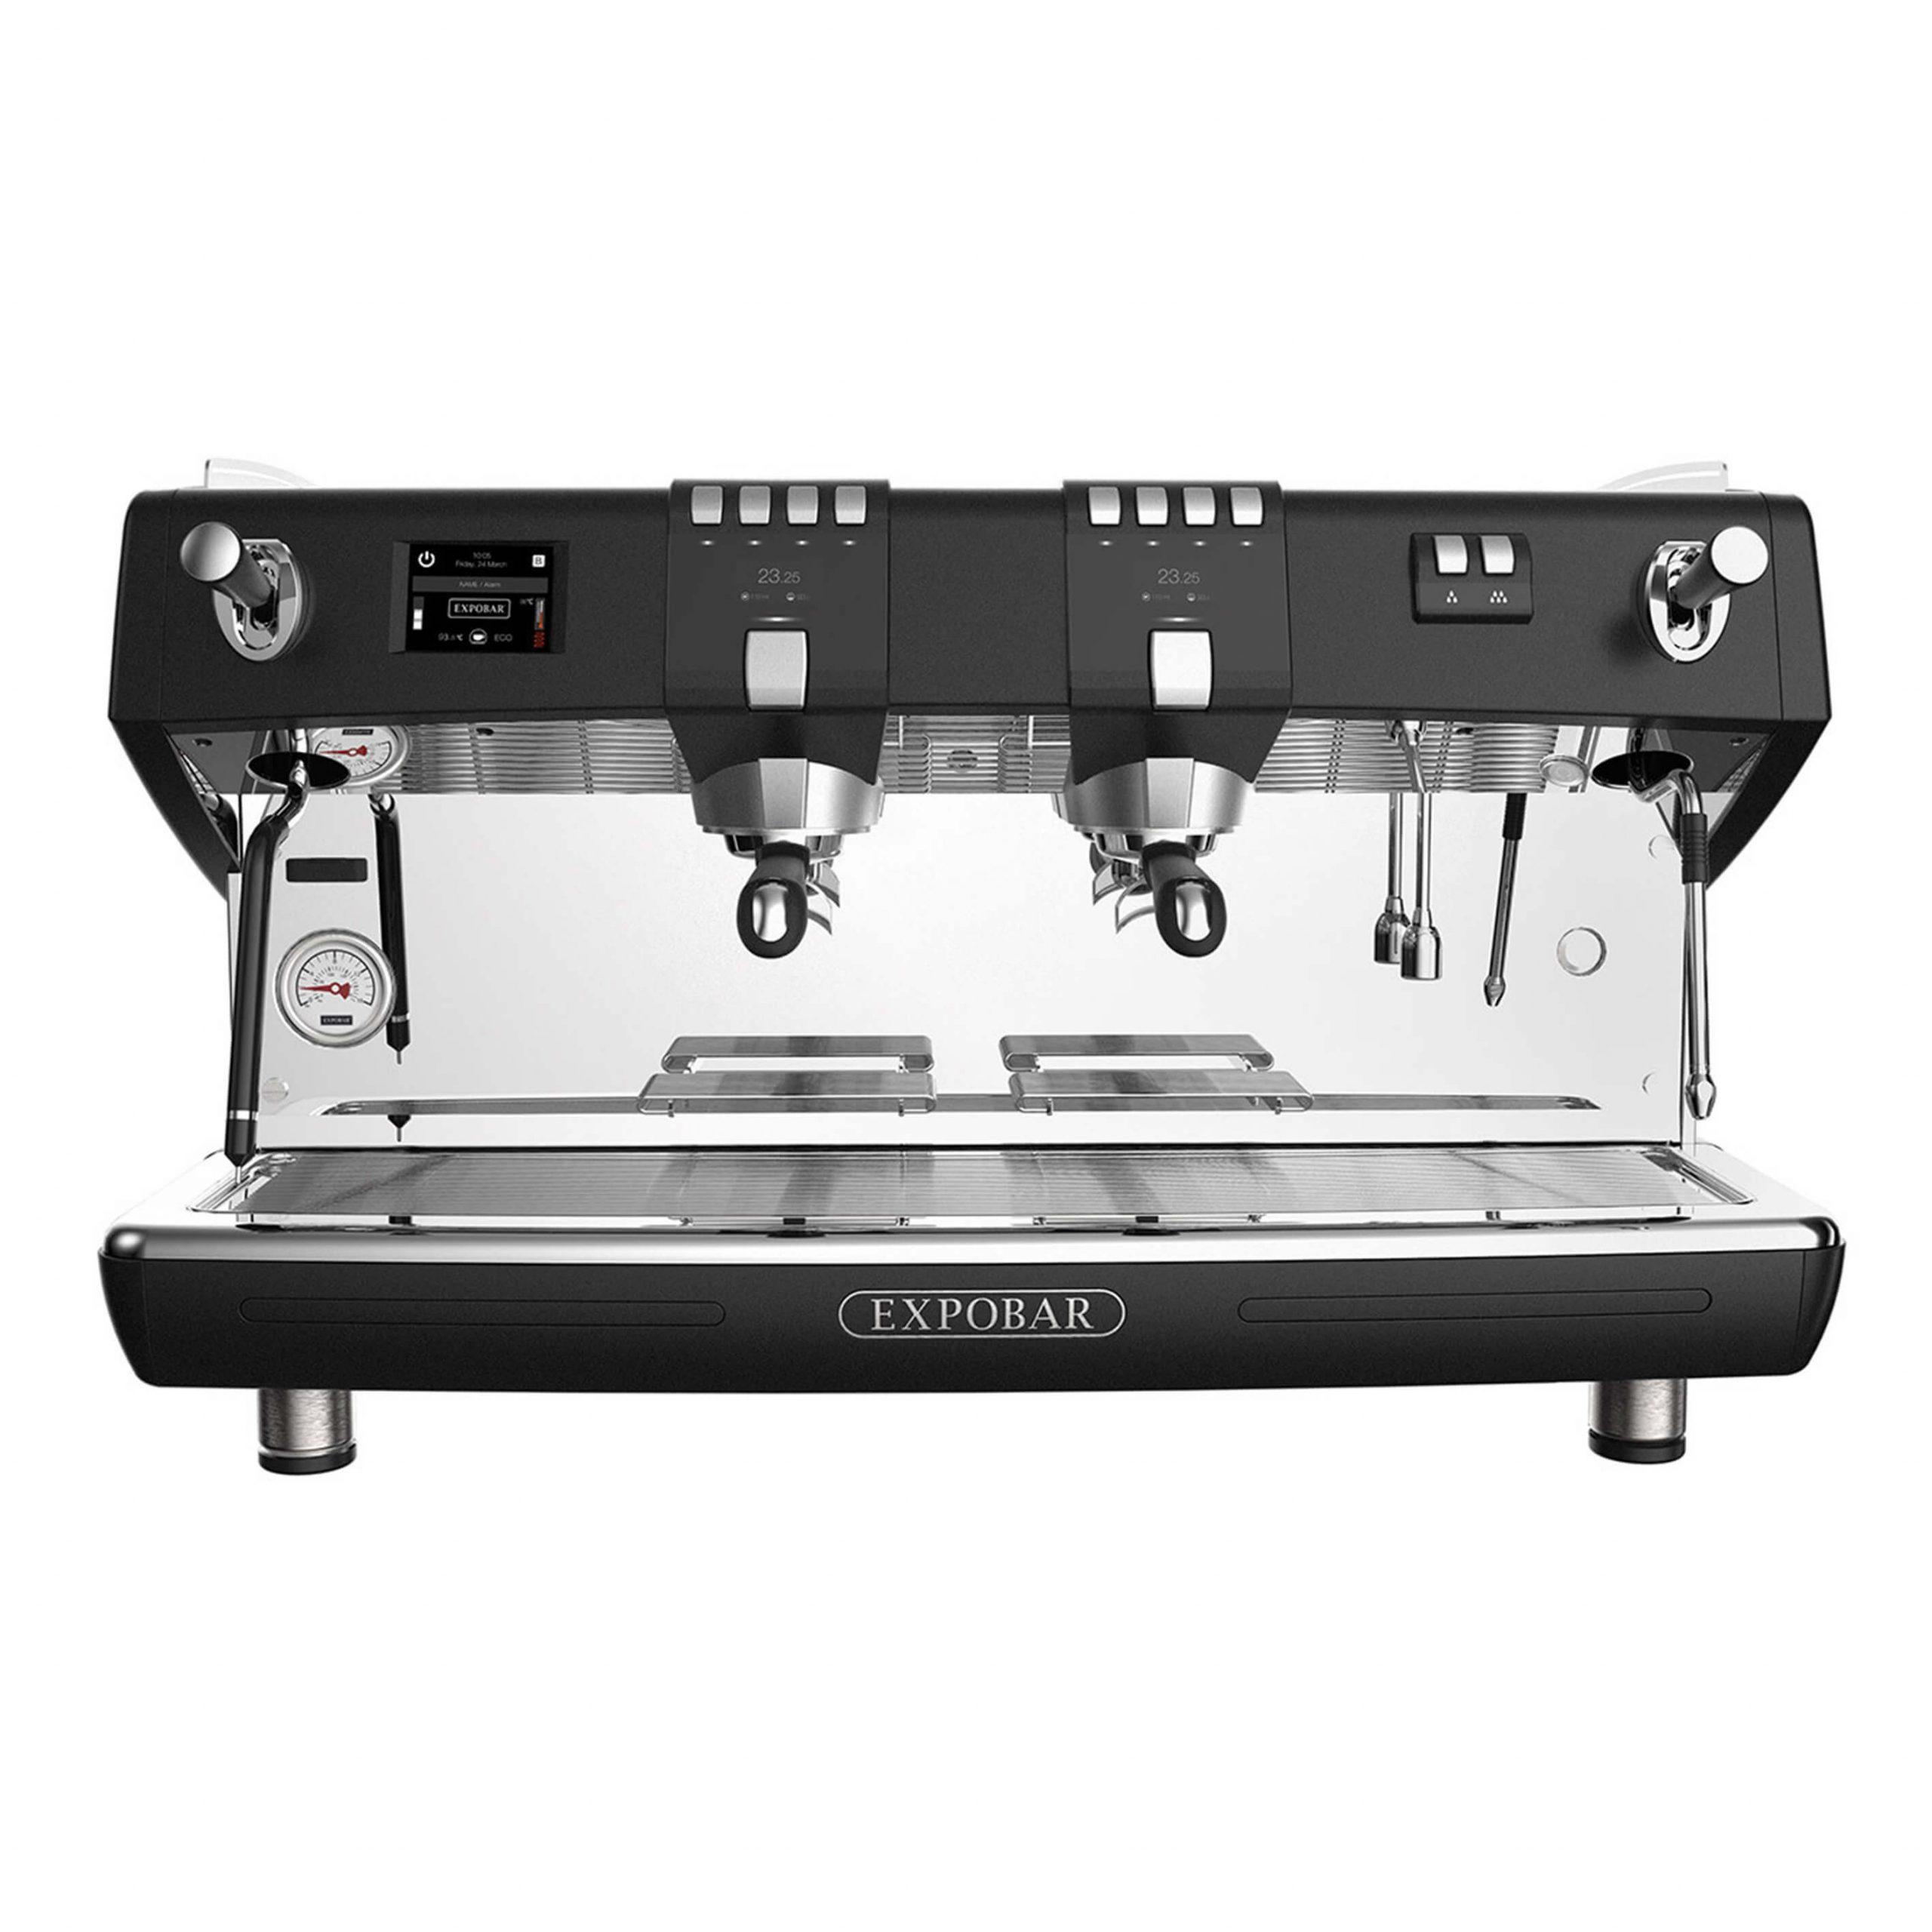 Expobar Diamant Pro Traditional Espresso Machine